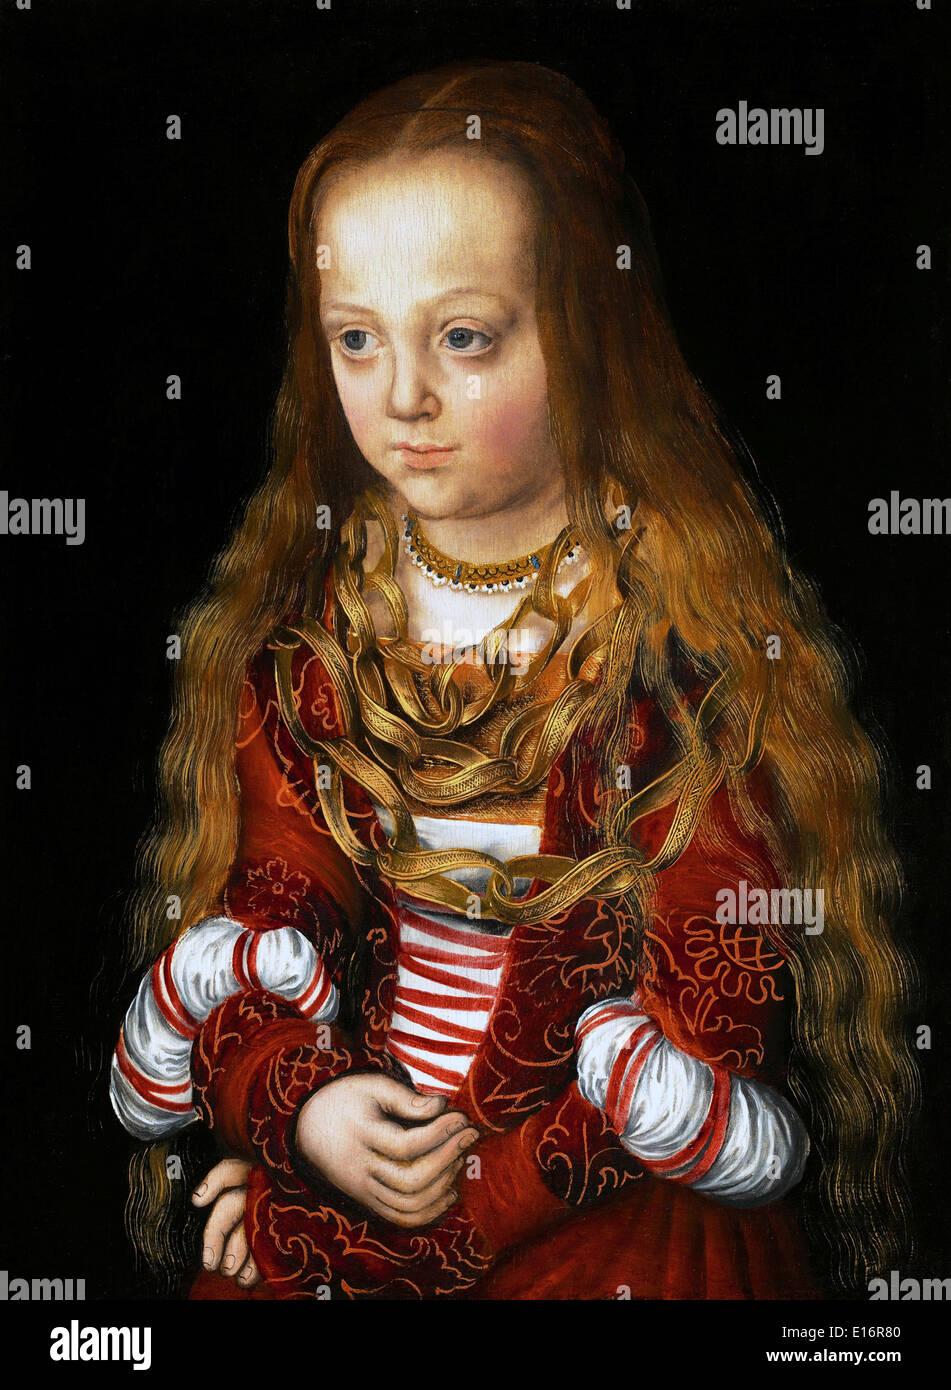 Eine Prinzessin von Sachsen-ByLucas Cranach der ältere, 1517 Stockbild